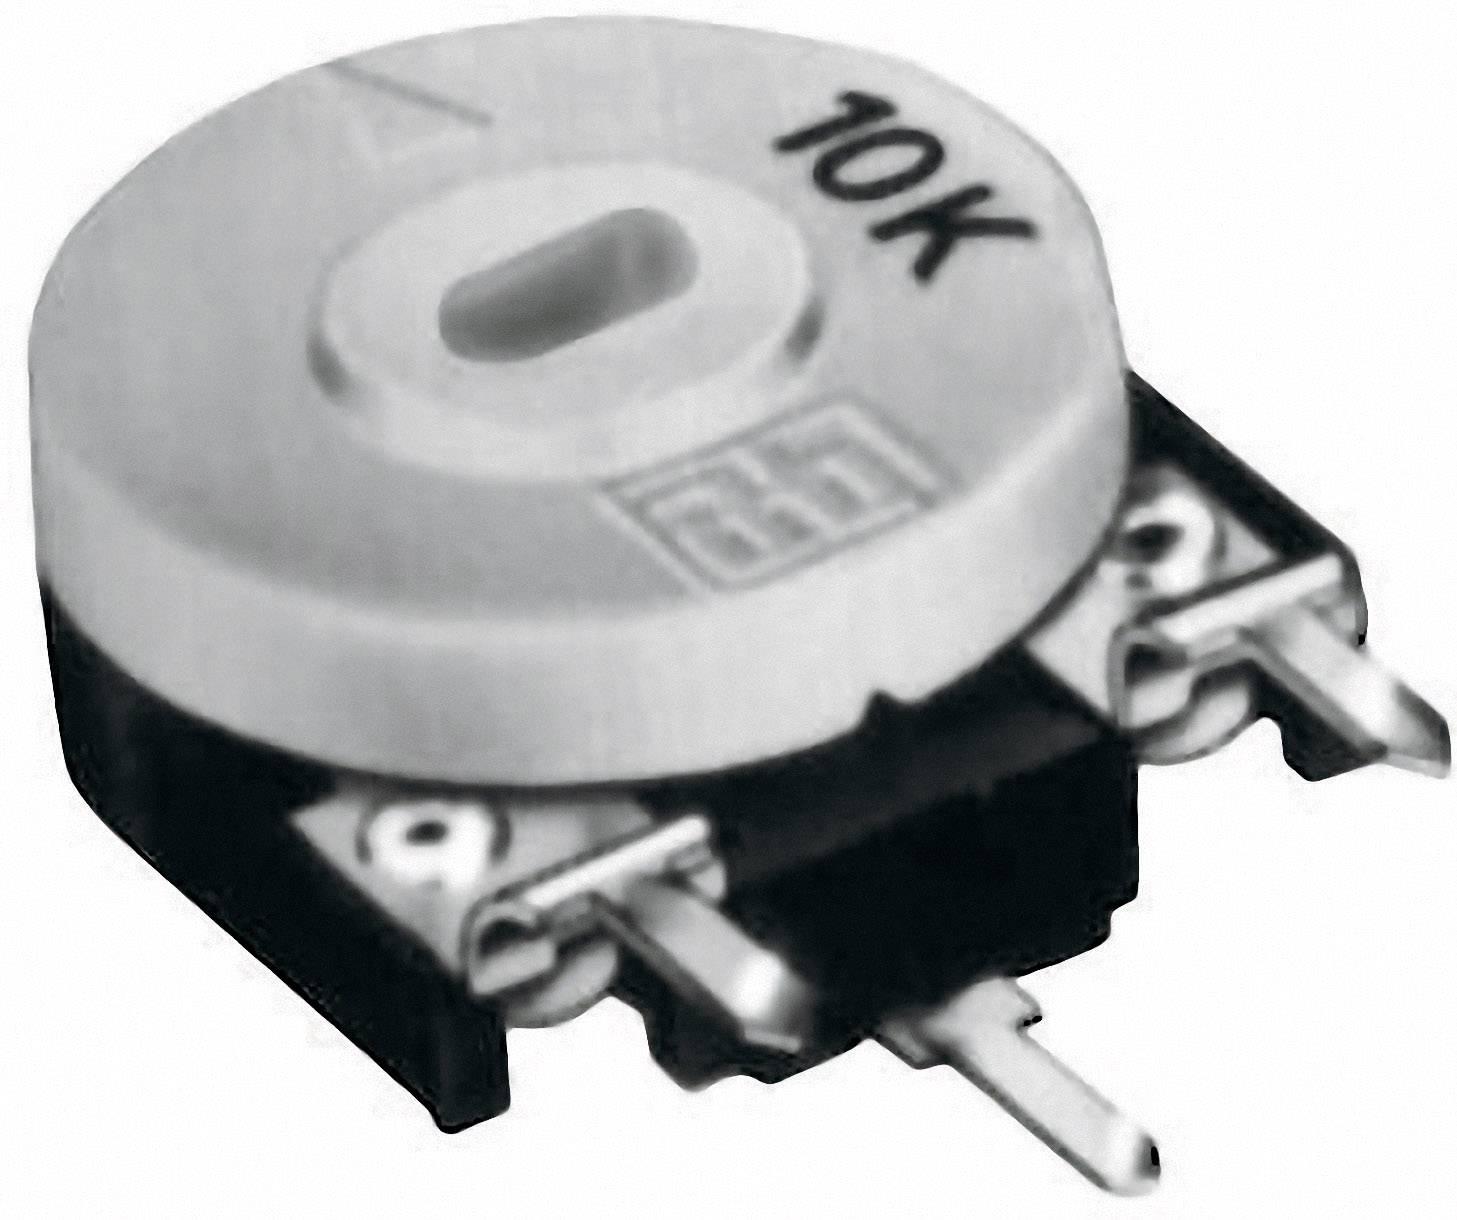 Uhlíkový trimer TT Electronics AB 21554005, lineárny, 220 kOhm, 0.15 W, 1 ks